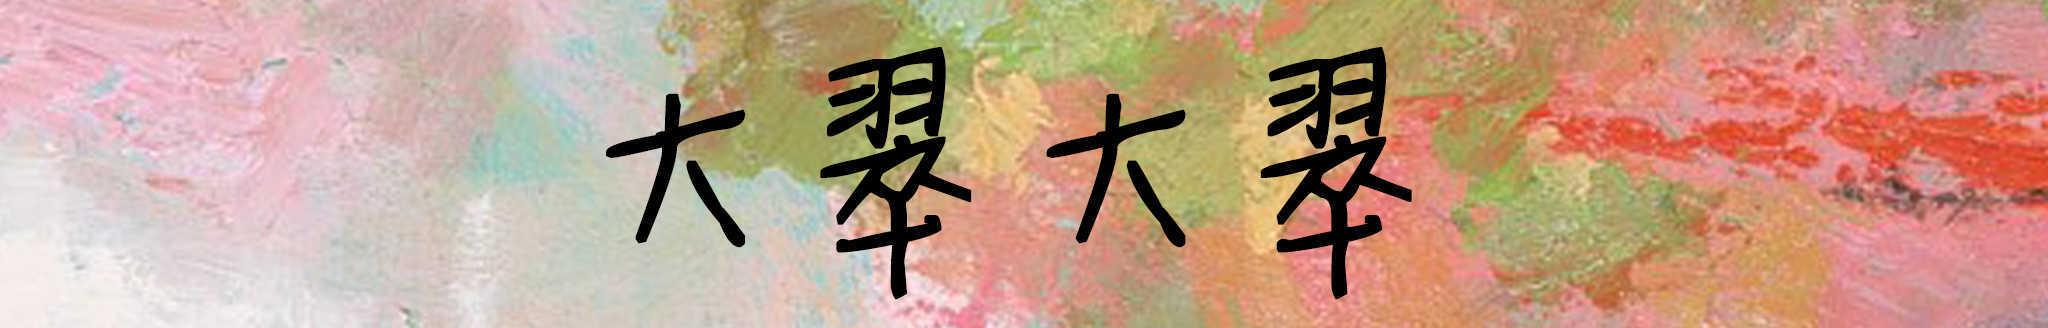 我叫大翠 banner